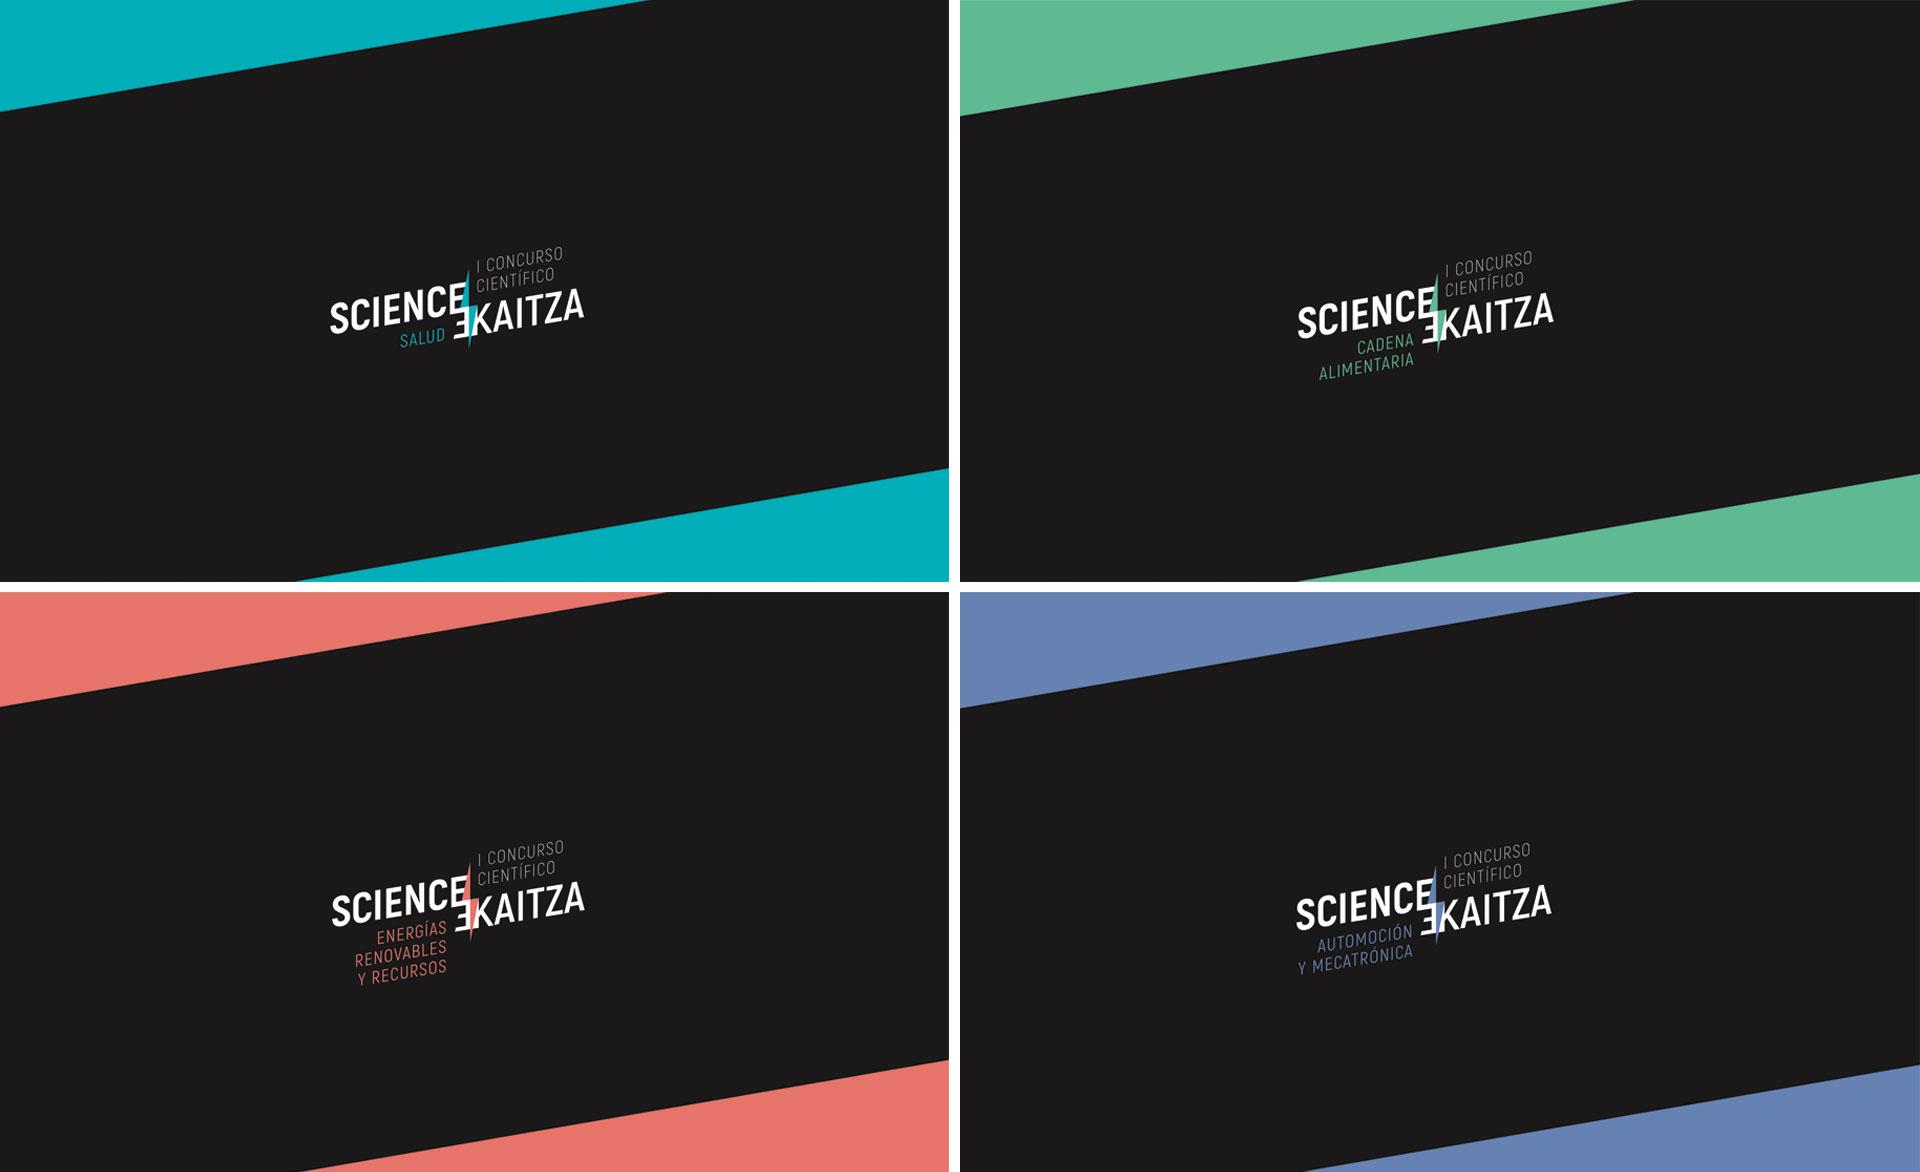 Concurso Científico